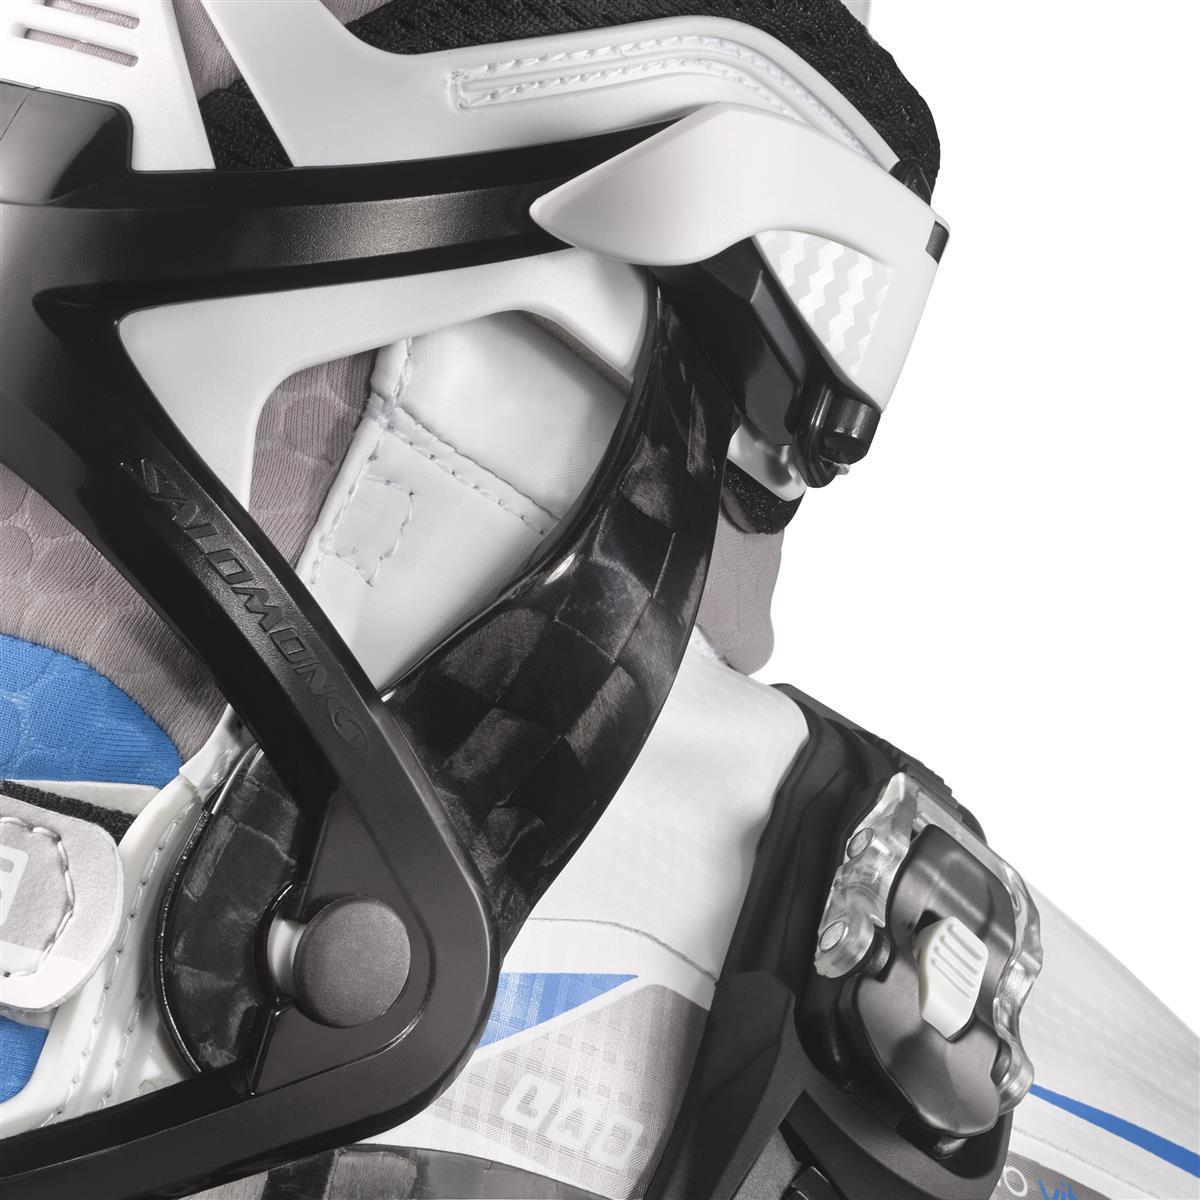 Boty na běžky Salomon S-Lab Vitane Skate Pro Pilot SNS 5c380cb0c1